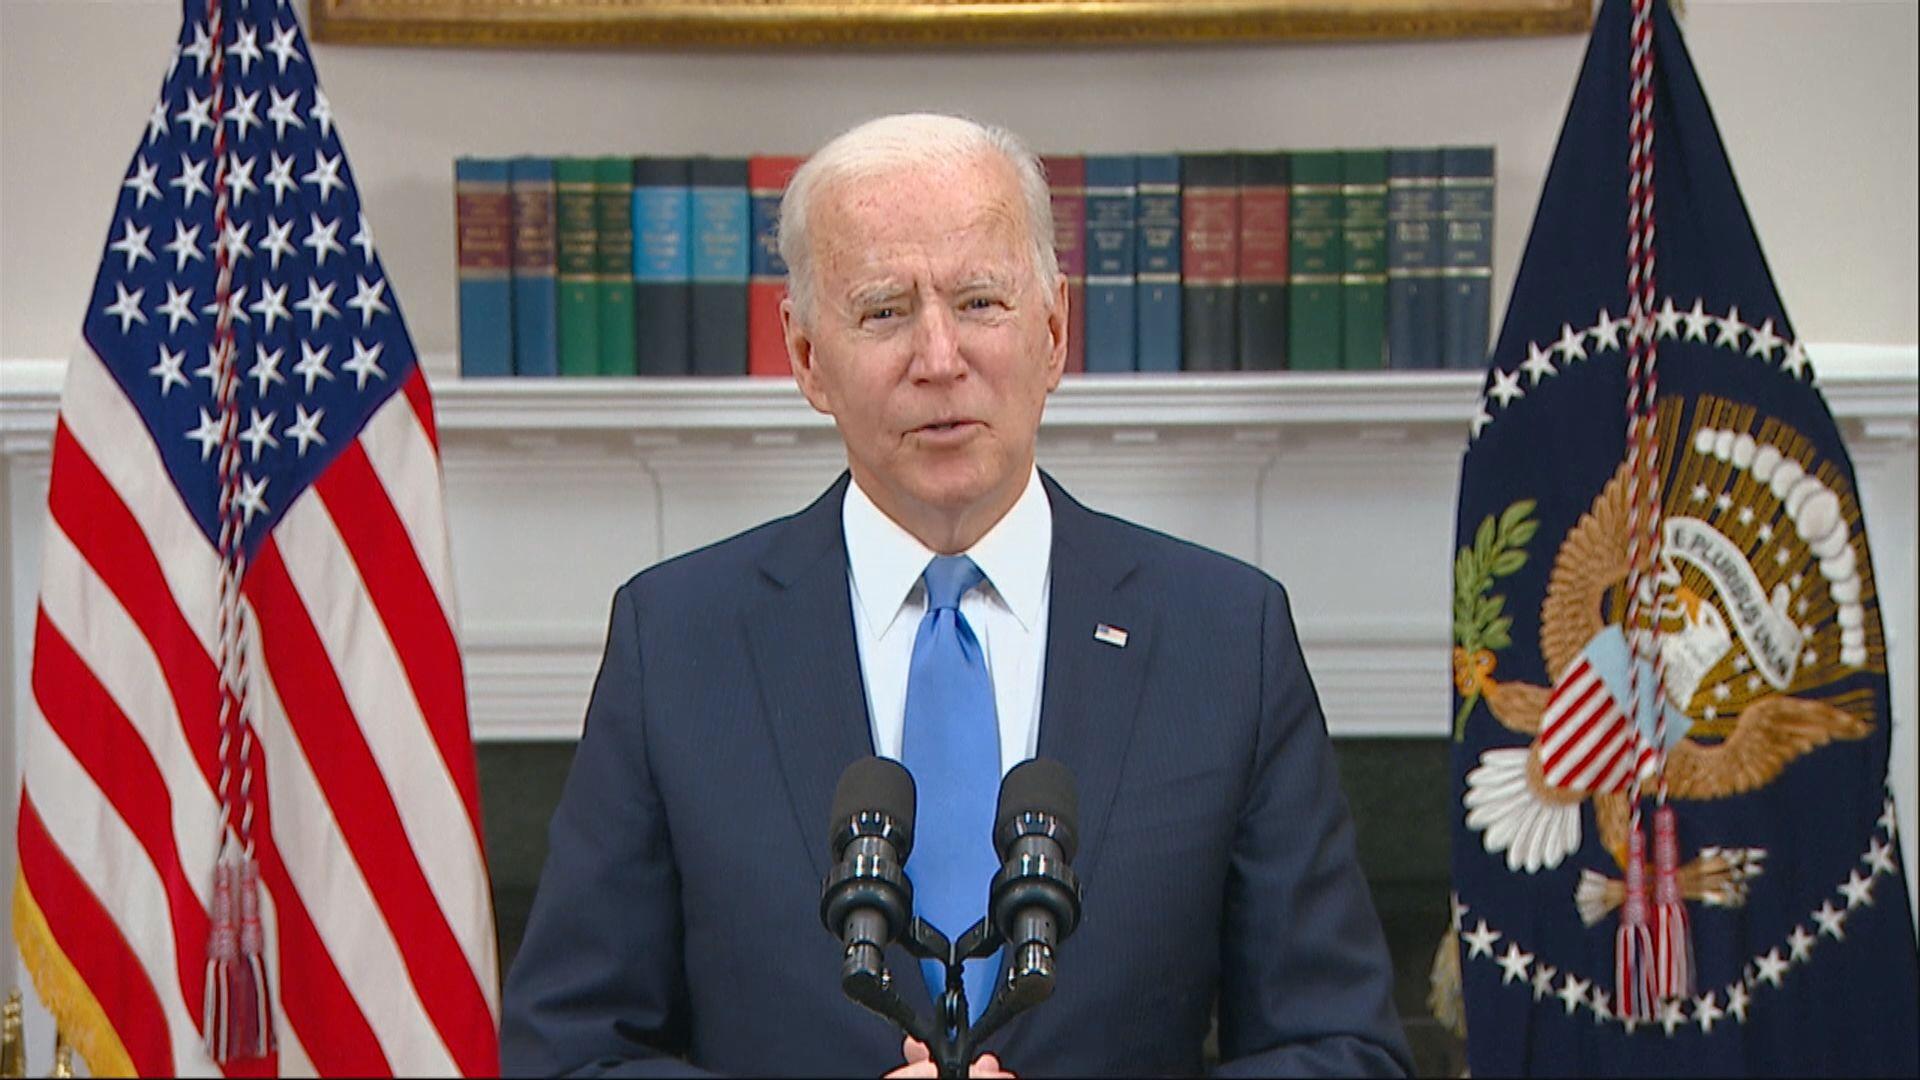 以巴衝突持續 美國被指阻止安理會發表聲明